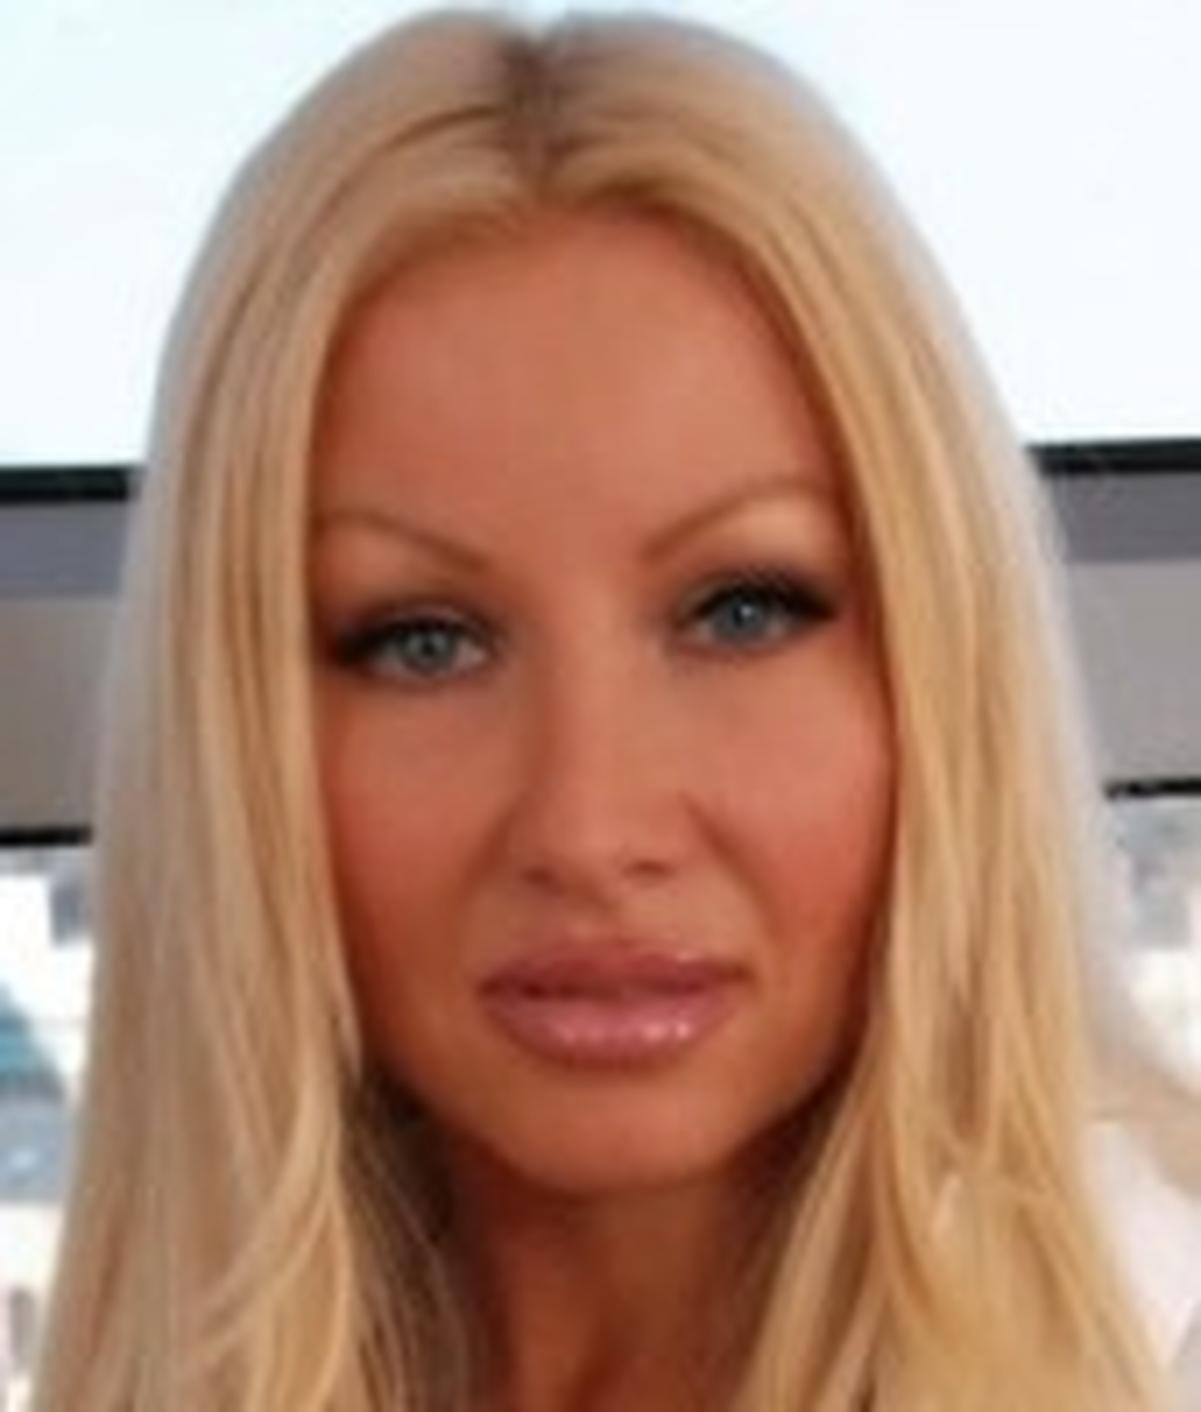 Kyla Kroft